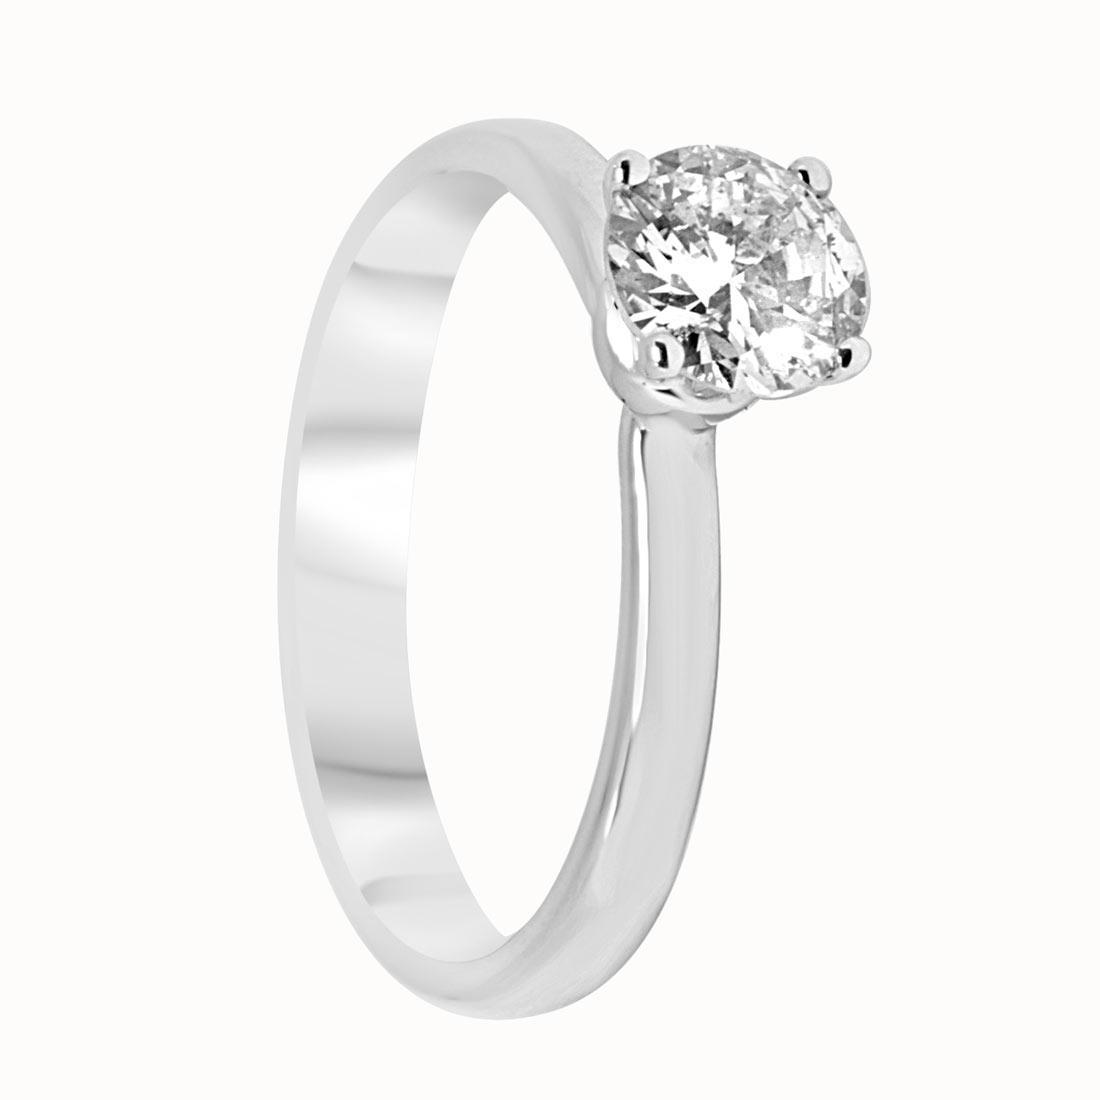 Anello Solitario Oro & Co in oro bianco con diamanti ct 0,76 MIS 14 - ORO&CO